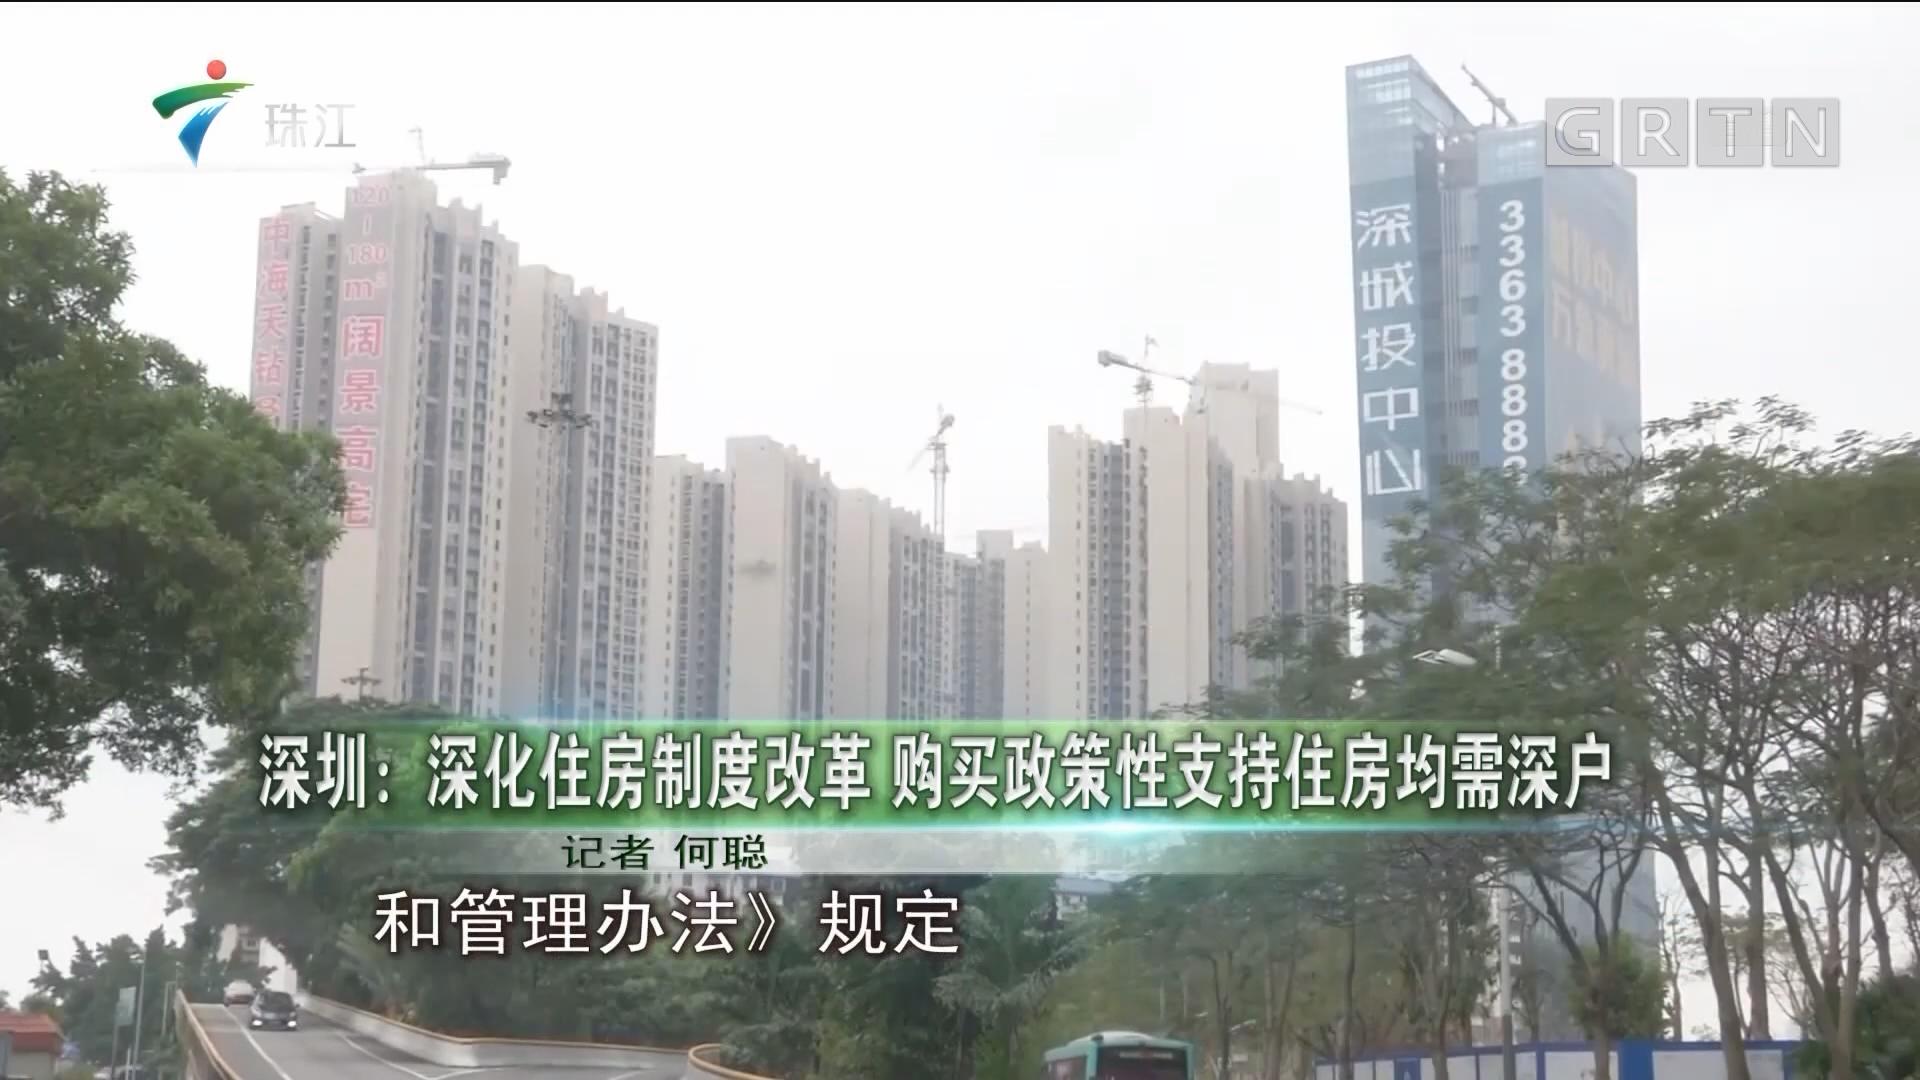 深圳:深化住房制度改革 购买政策性支持住房均需深户